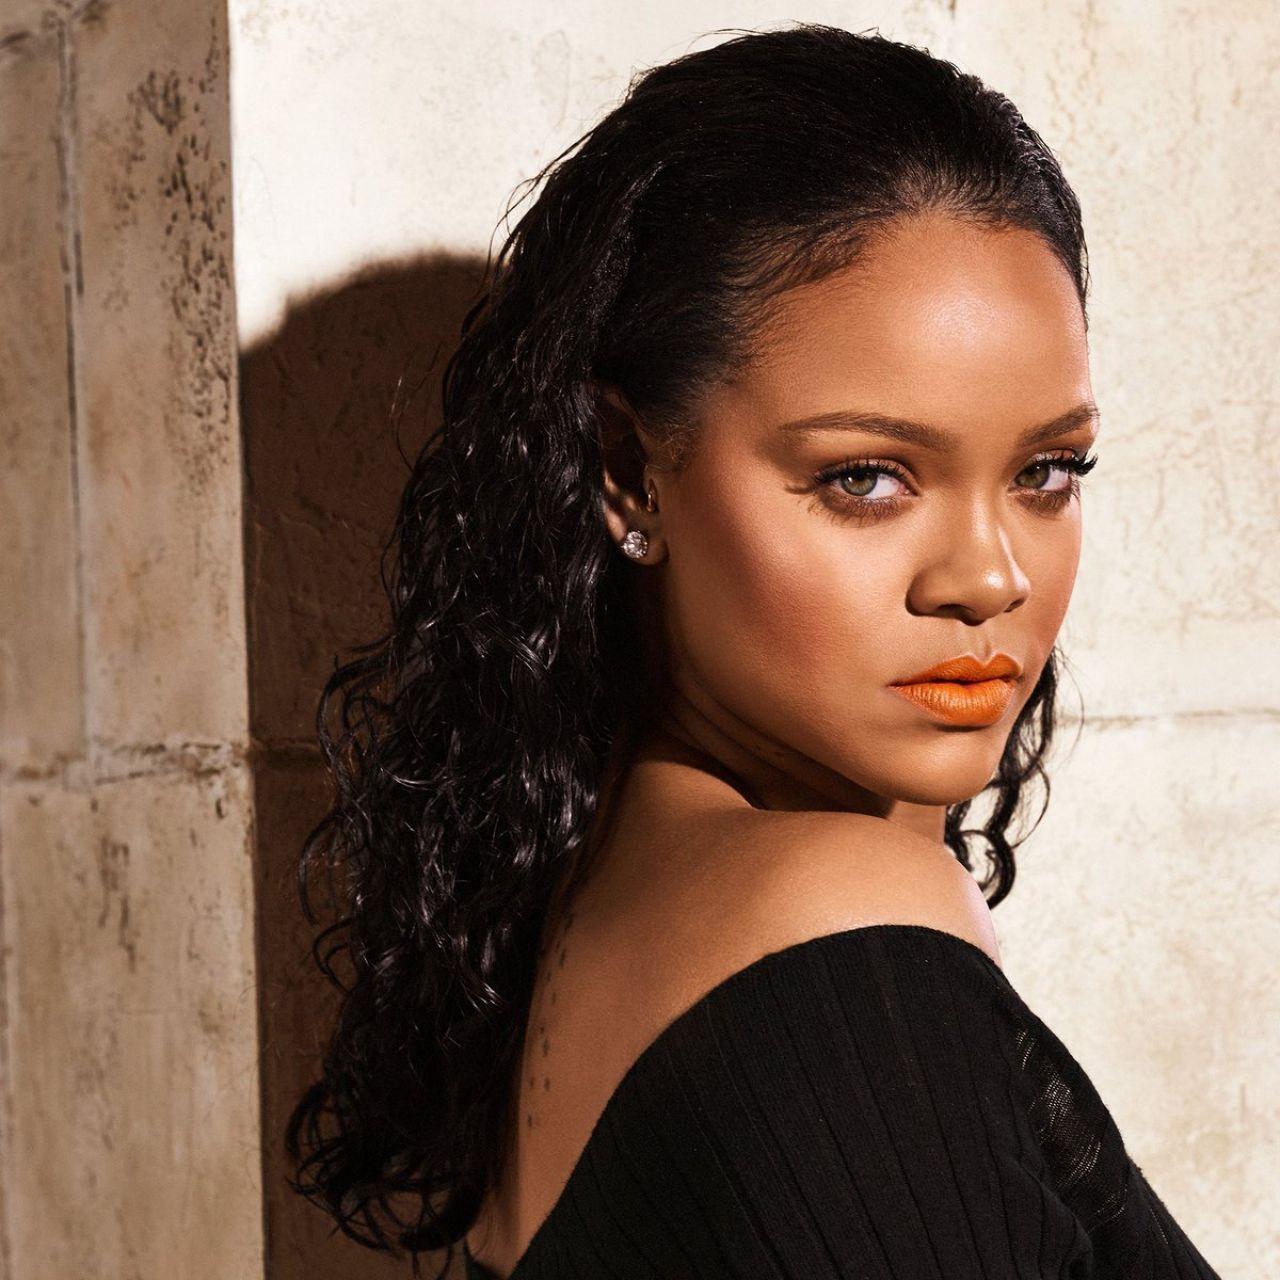 Rihanna - Fenty Beauty Mattemoiselle 2018 Rihanna